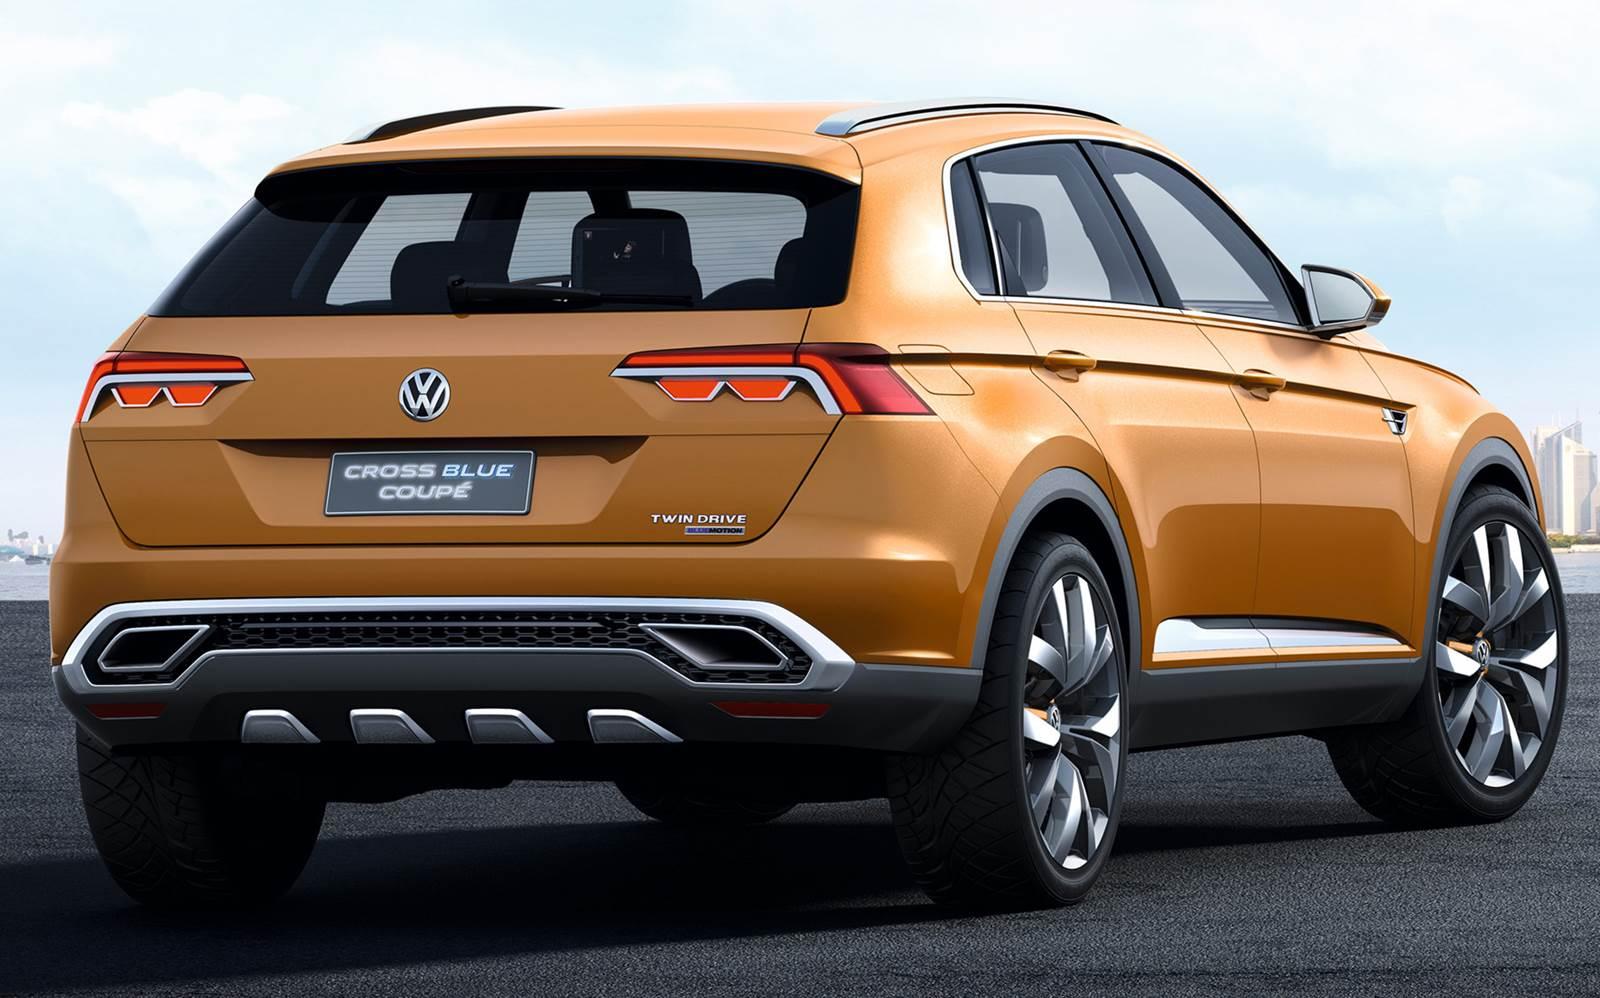 Novo Jeep Renegade 2017 >> Volkswagen prepara ofensiva com 5 novos SUV até 2017 | CAR.BLOG.BR